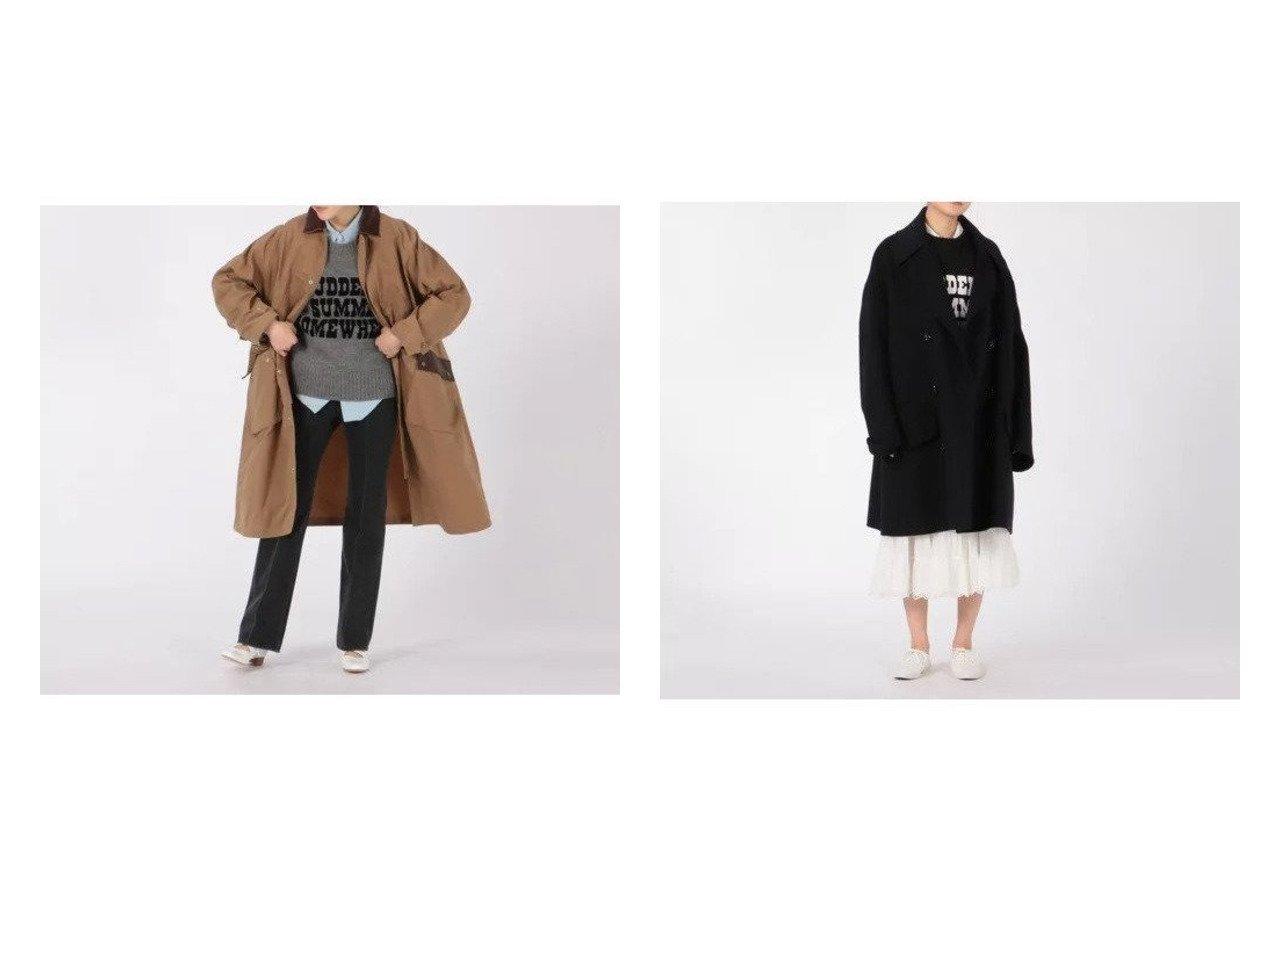 【MADISONBLUE/マディソンブルー】のRV BIG PEA CT BEAVER COAT&HUNTING LONG CT WAXED CLOTH COAT 【アウター】おすすめ!人気、トレンド・レディースファッションの通販 おすすめで人気の流行・トレンド、ファッションの通販商品 インテリア・家具・メンズファッション・キッズファッション・レディースファッション・服の通販 founy(ファニー) https://founy.com/ ファッション Fashion レディースファッション WOMEN アウター Coat Outerwear コート Coats Pコート Pea Coats A/W・秋冬 AW・Autumn/Winter・FW・Fall-Winter ビッグ メルトン 定番 Standard フラップ  ID:crp329100000058148